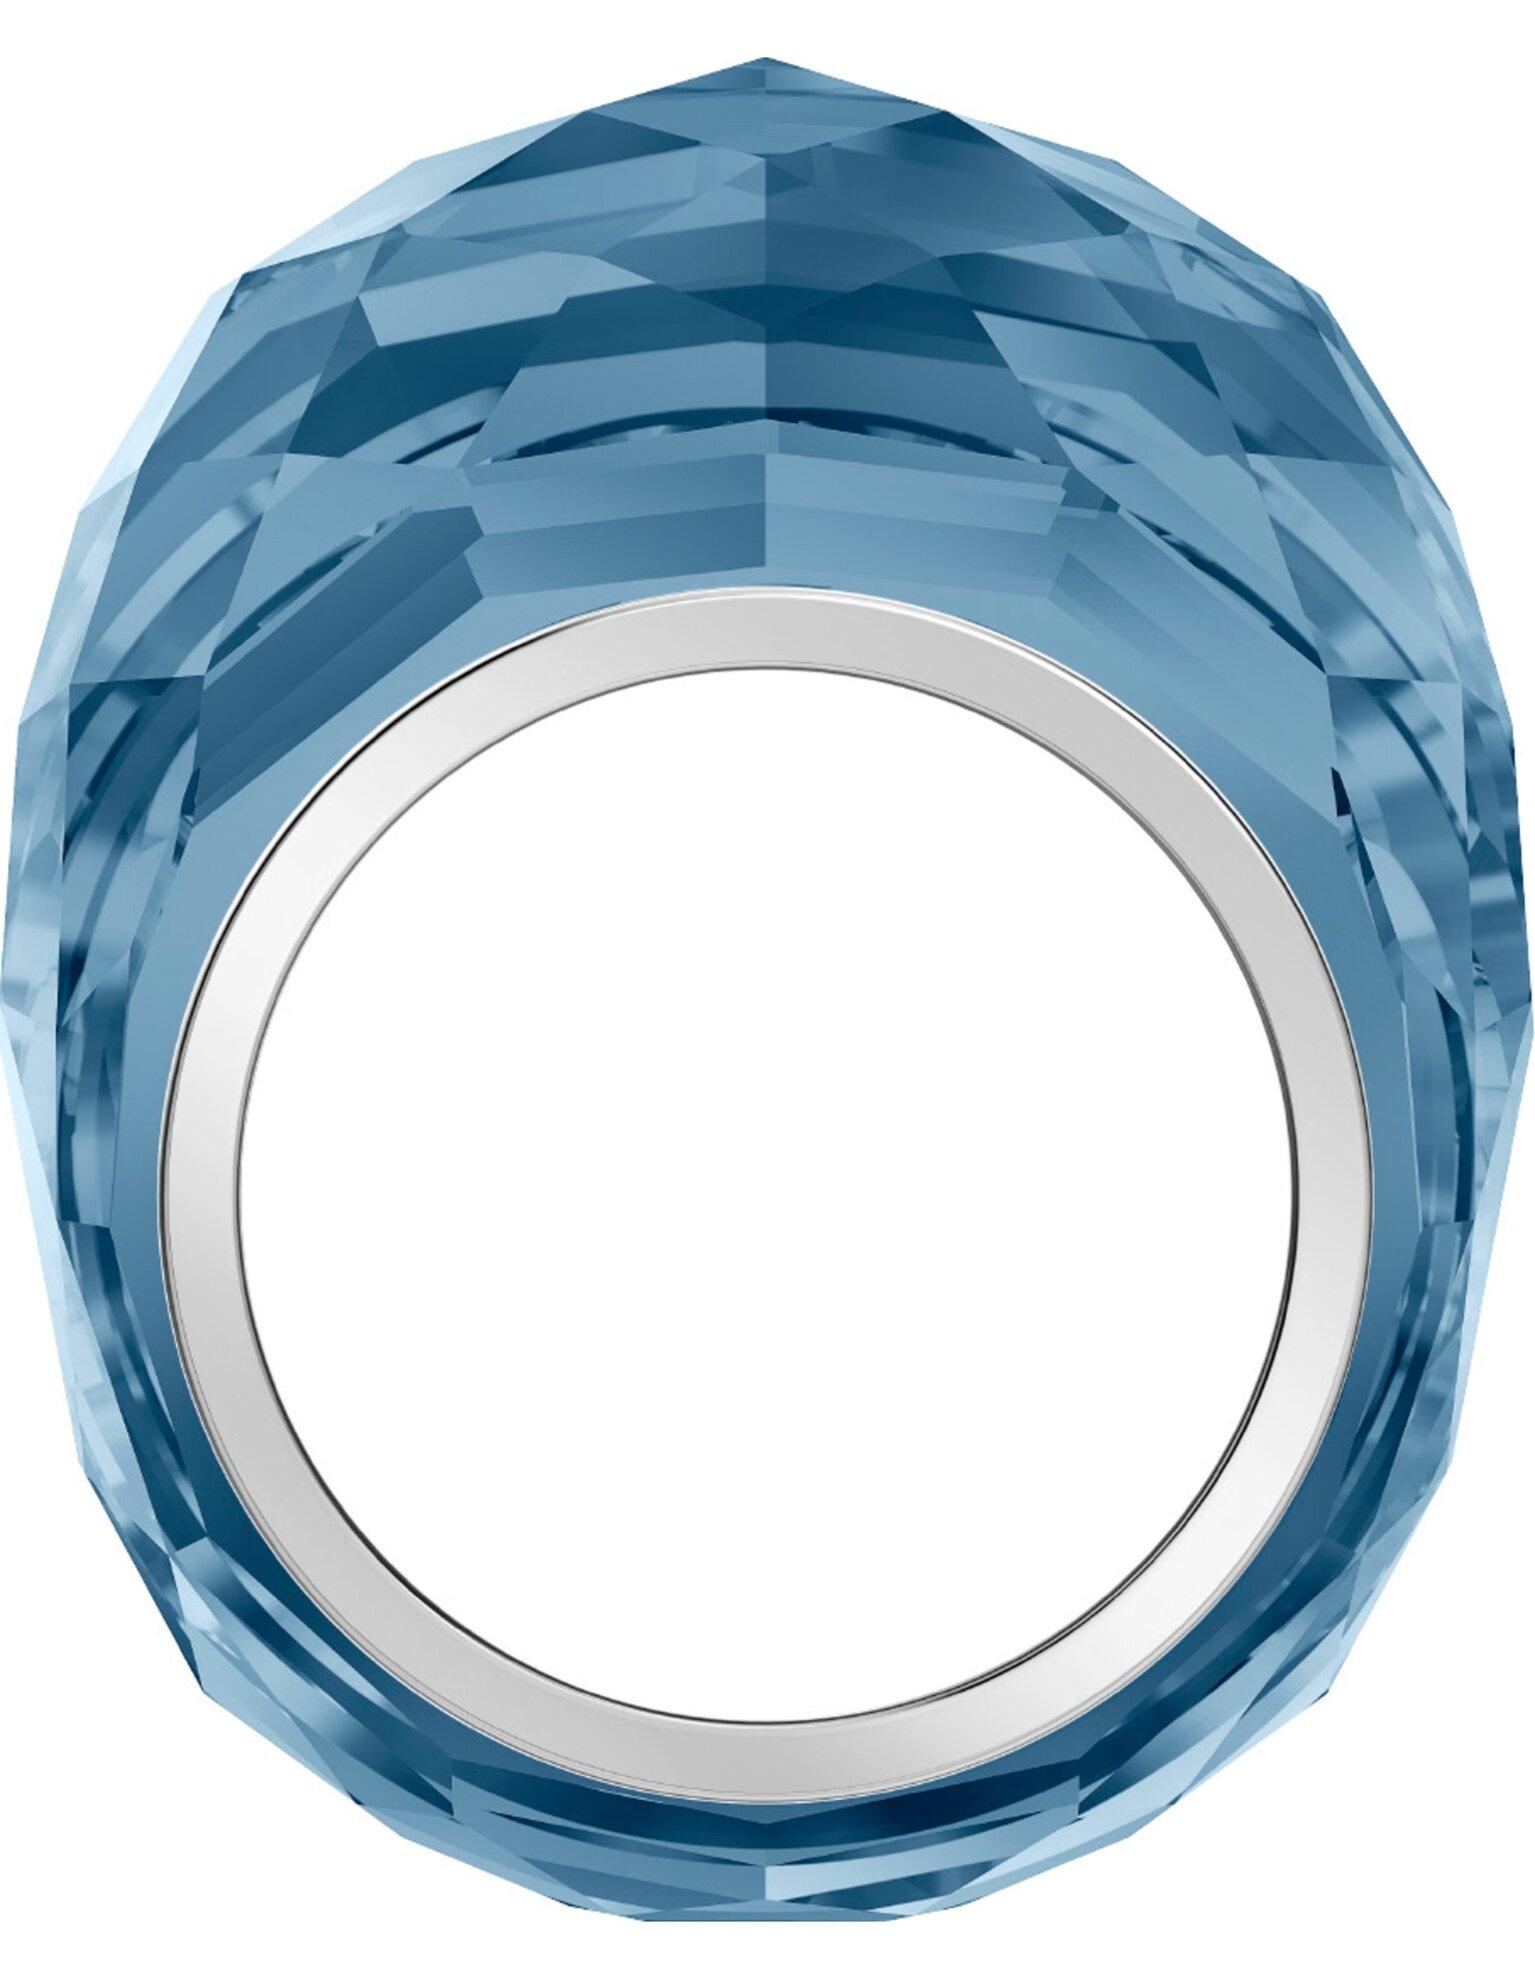 Picture of Swarovski Nirvana Yüzük, Mavi, Paslanmaz çelik